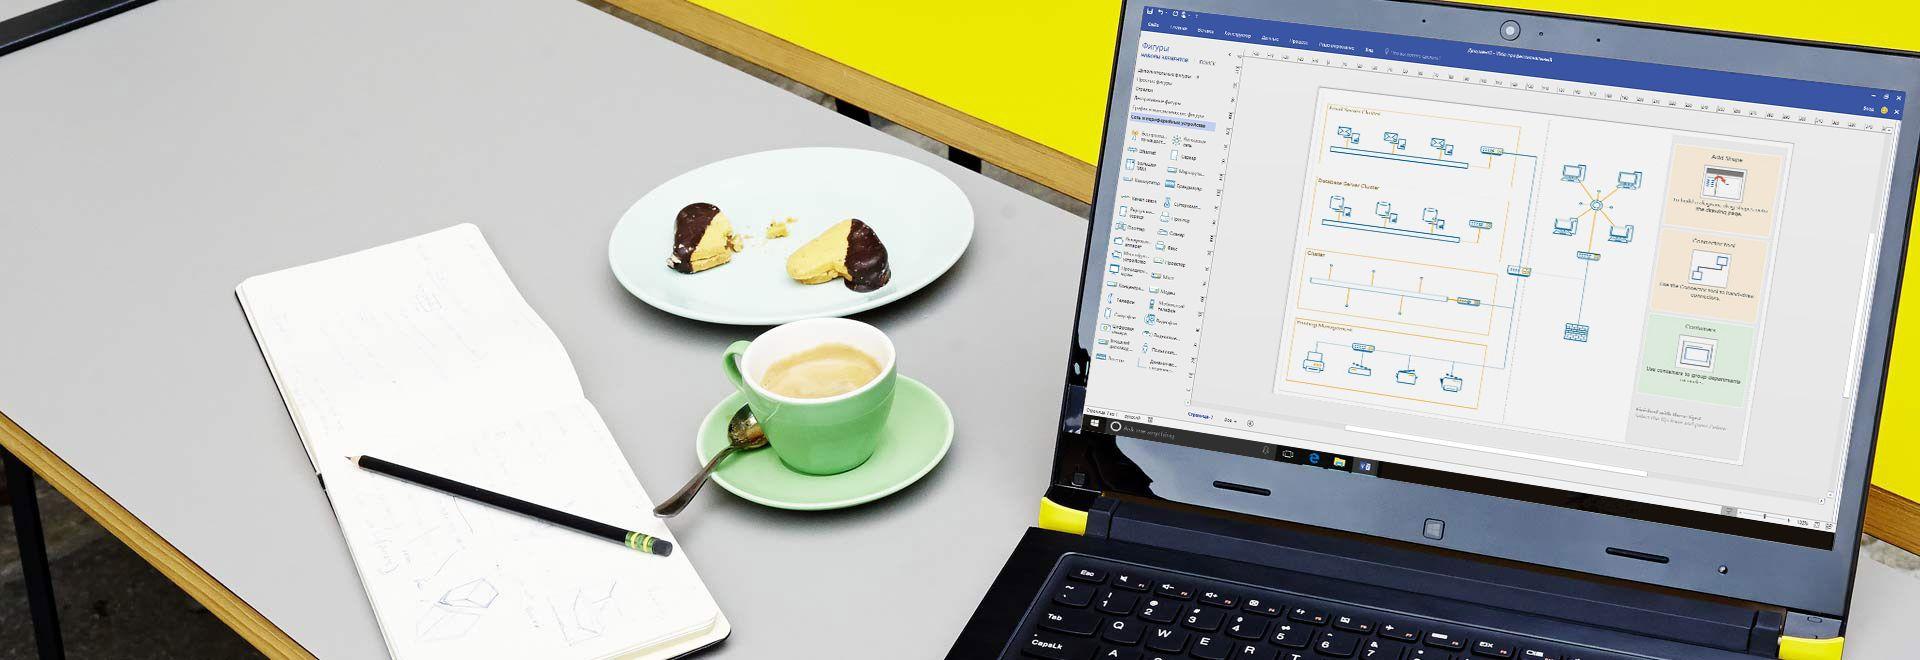 Крупным планом: на столе лежит планшет, на экране которого— схема, панель и лента инструментов редактирования в Visio